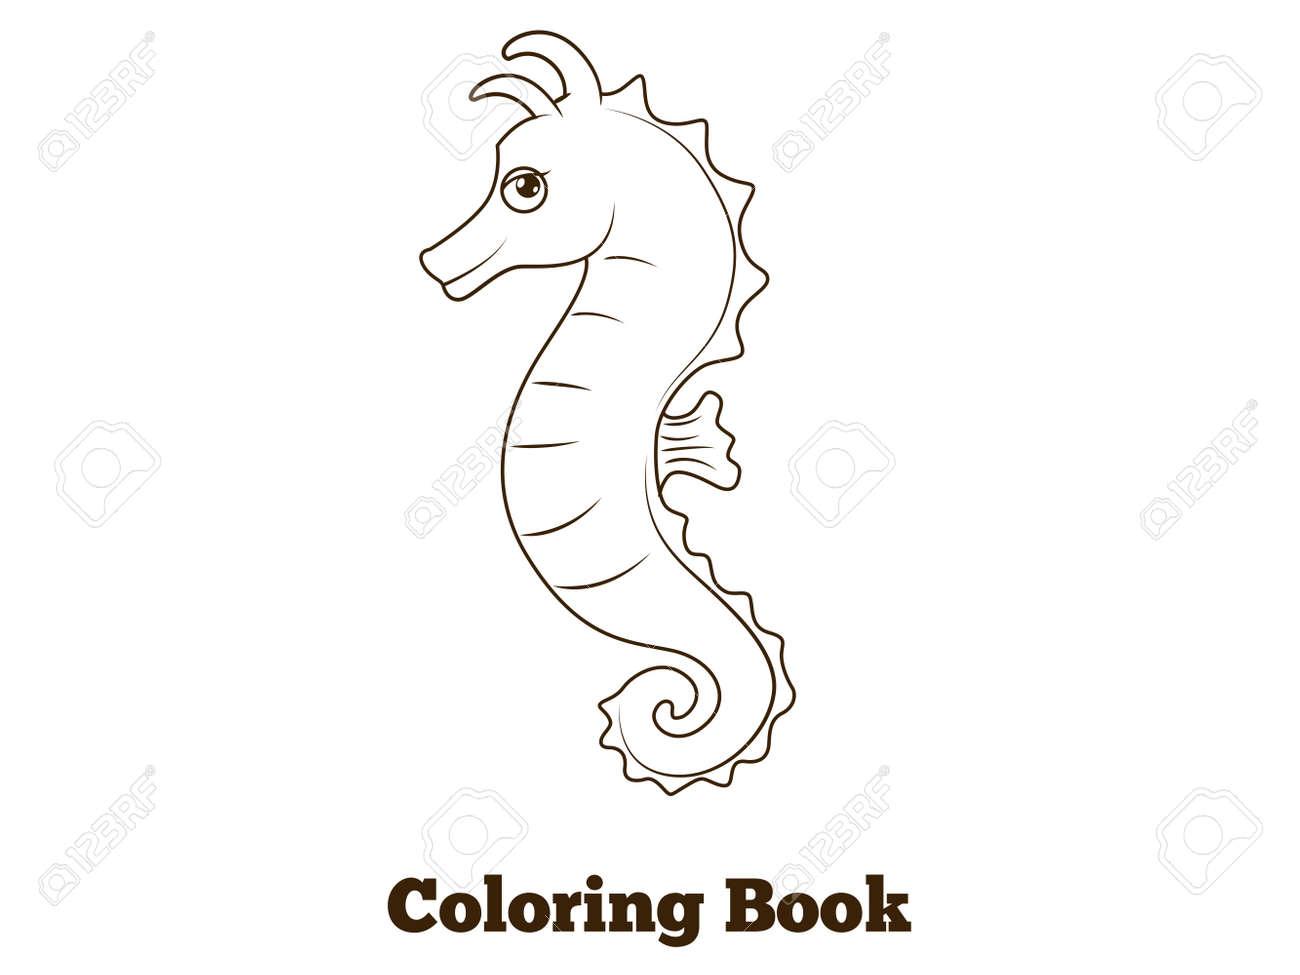 Coloriage Cheval Et Dauphin.Vecteur De Bande Dessinee Livre De Coloriage Cheval De Mer De Poissons Illustration Educative